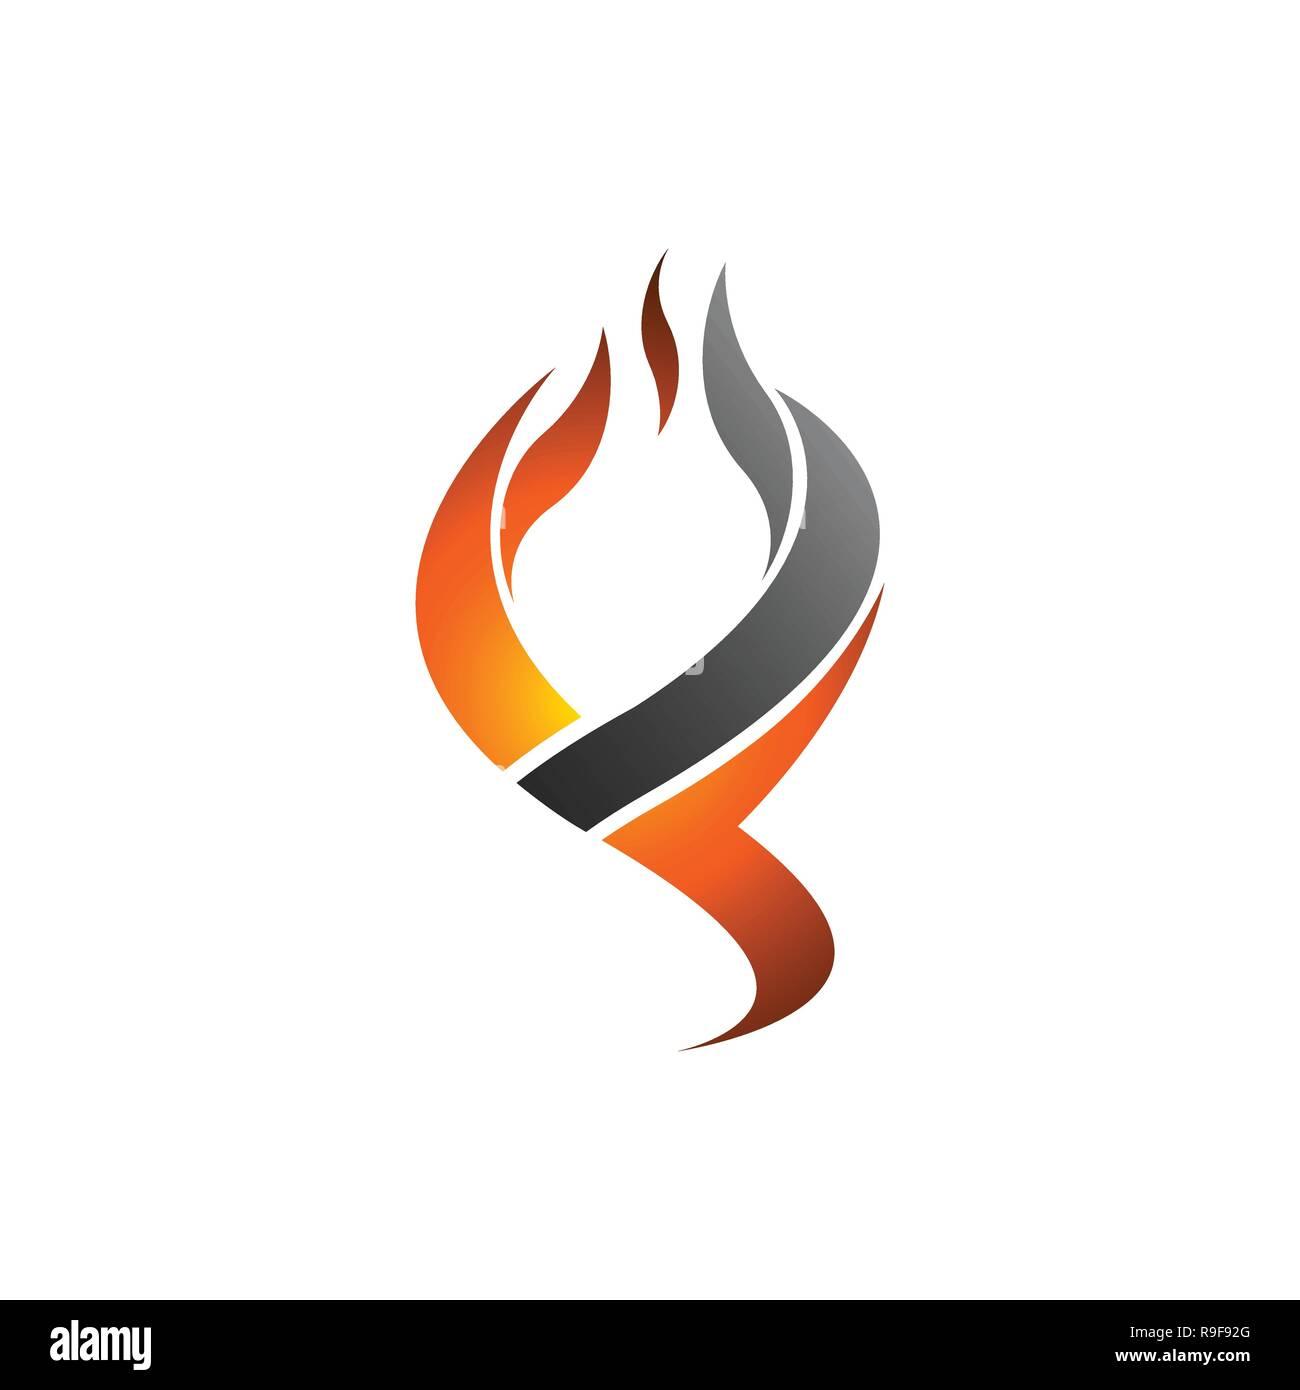 Fire Icon, icon fire vector image, fire Icon Picture, fire Icon Flat, fire Icon App, fire Icon Eps10, Fire Icon Design, fire symbol emoticon - Stock Image